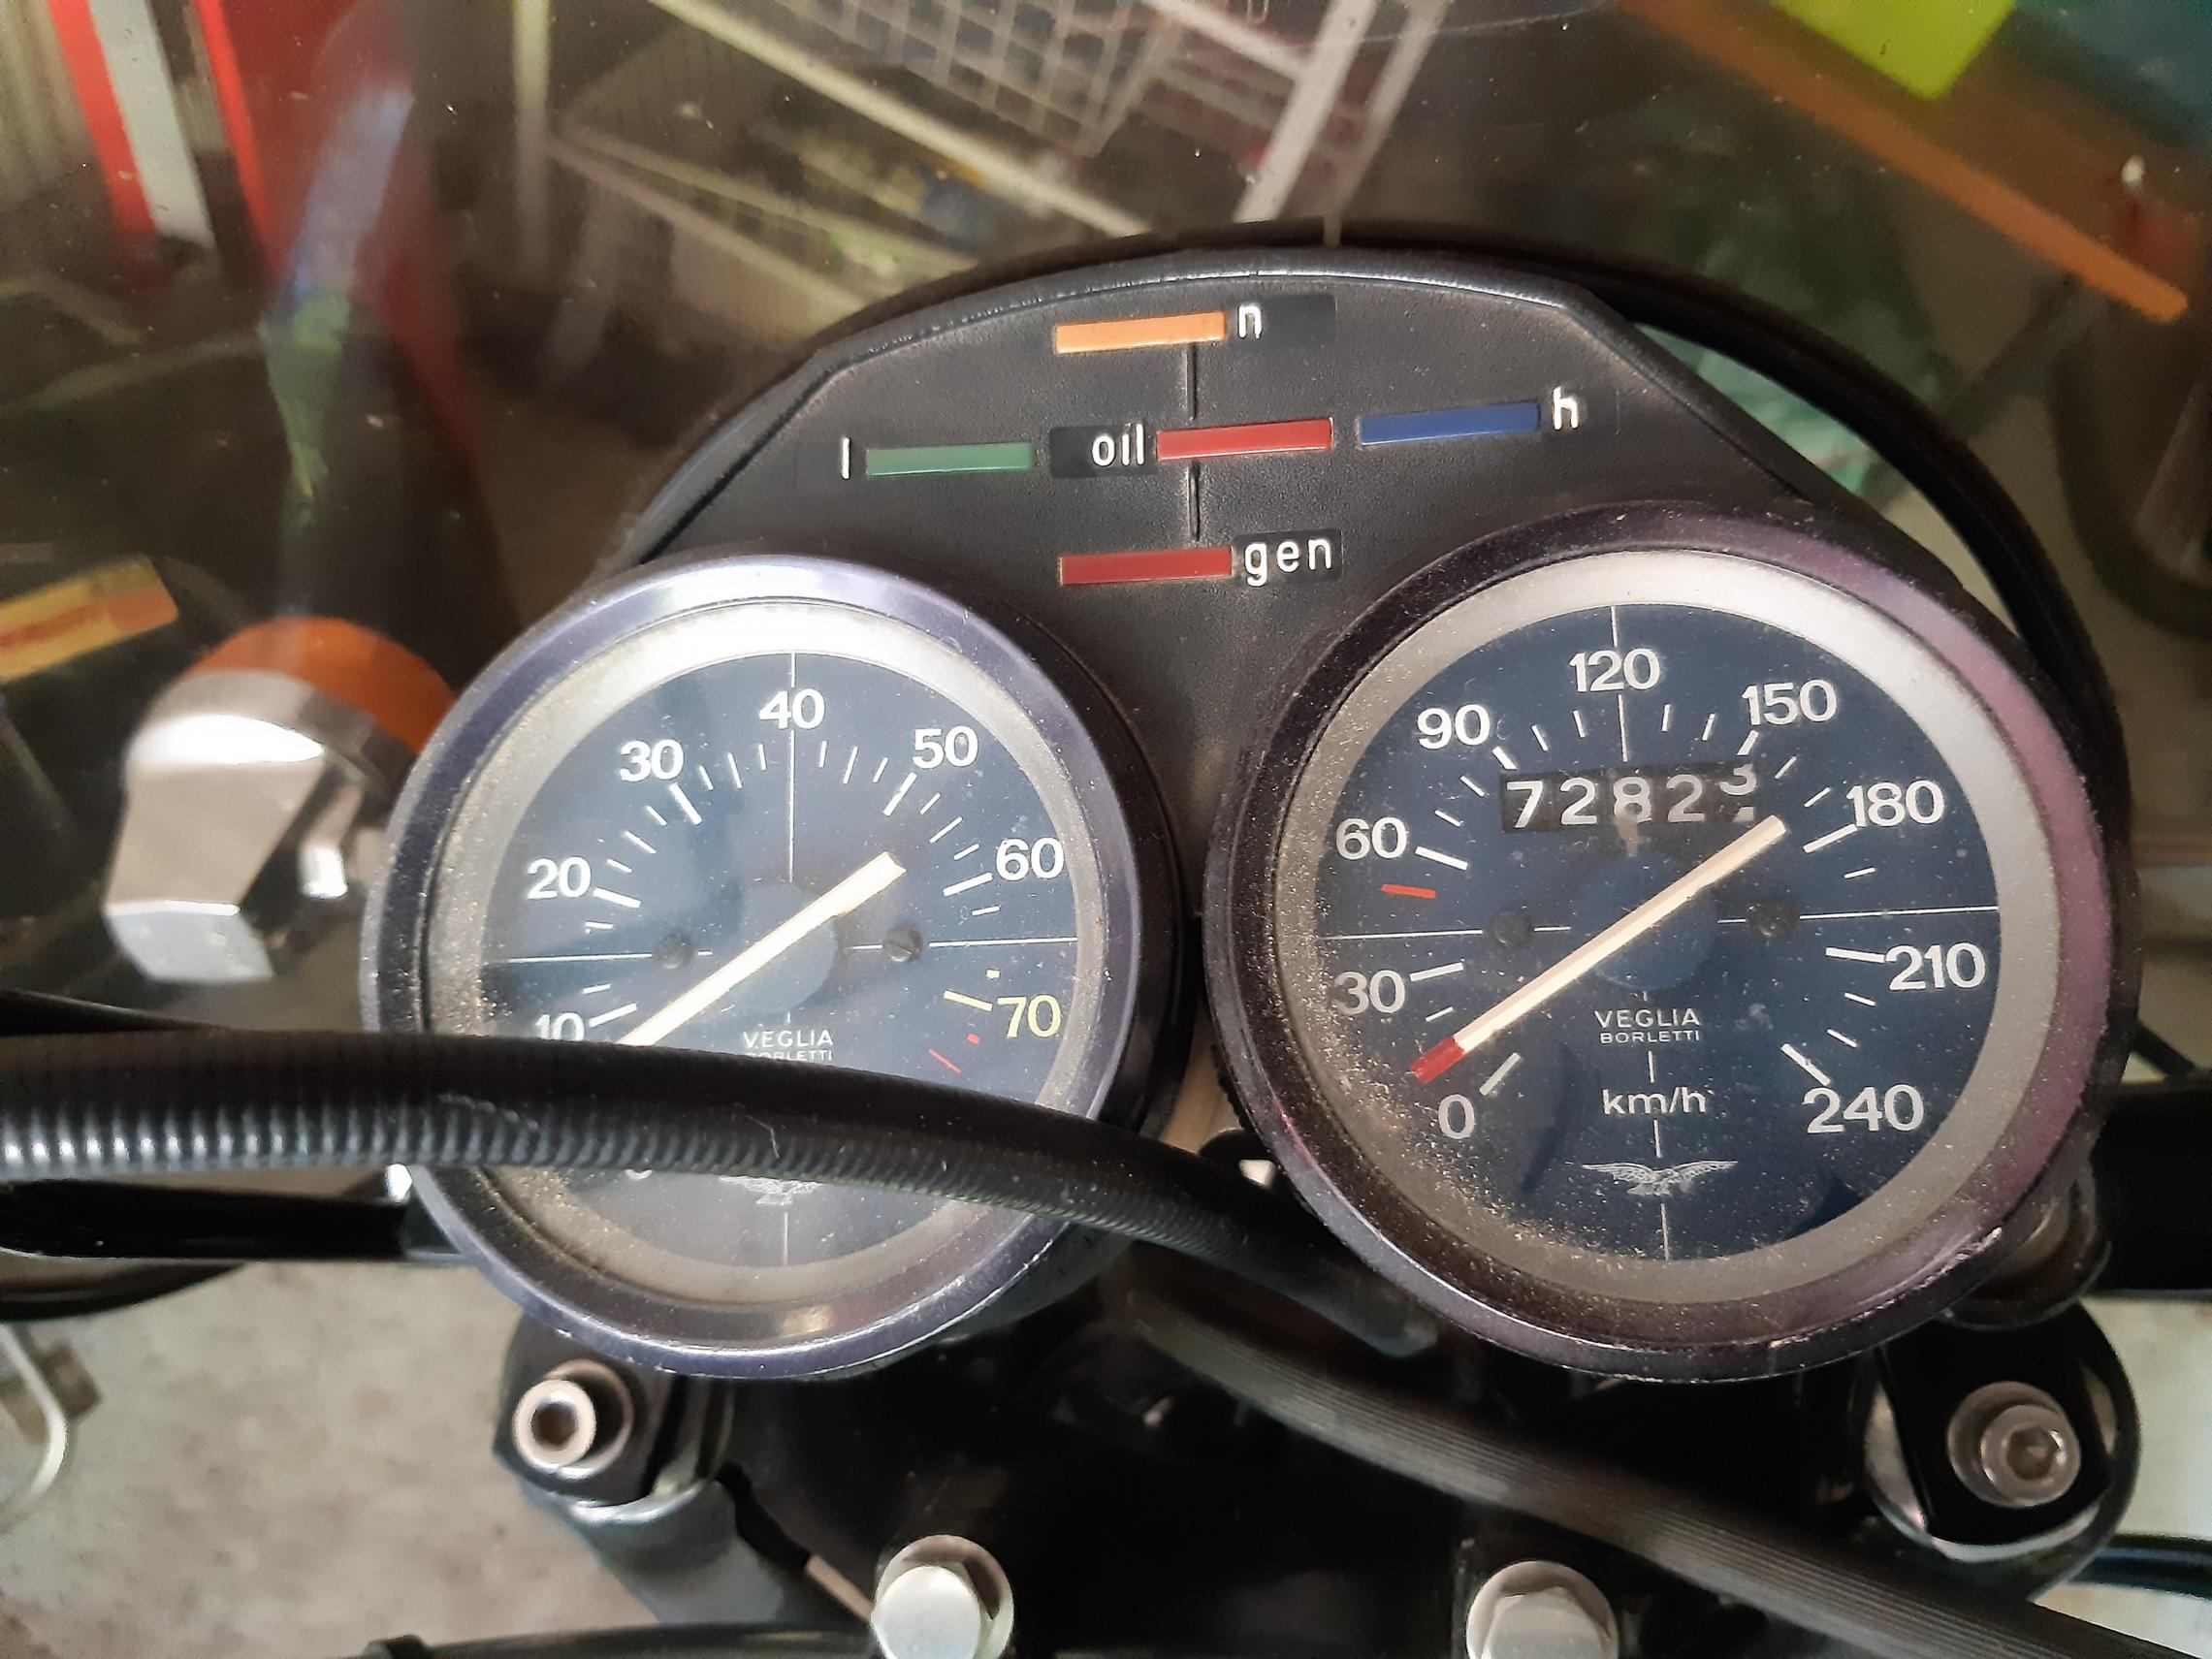 MOTO GUZZI - 850T3 Celifornia